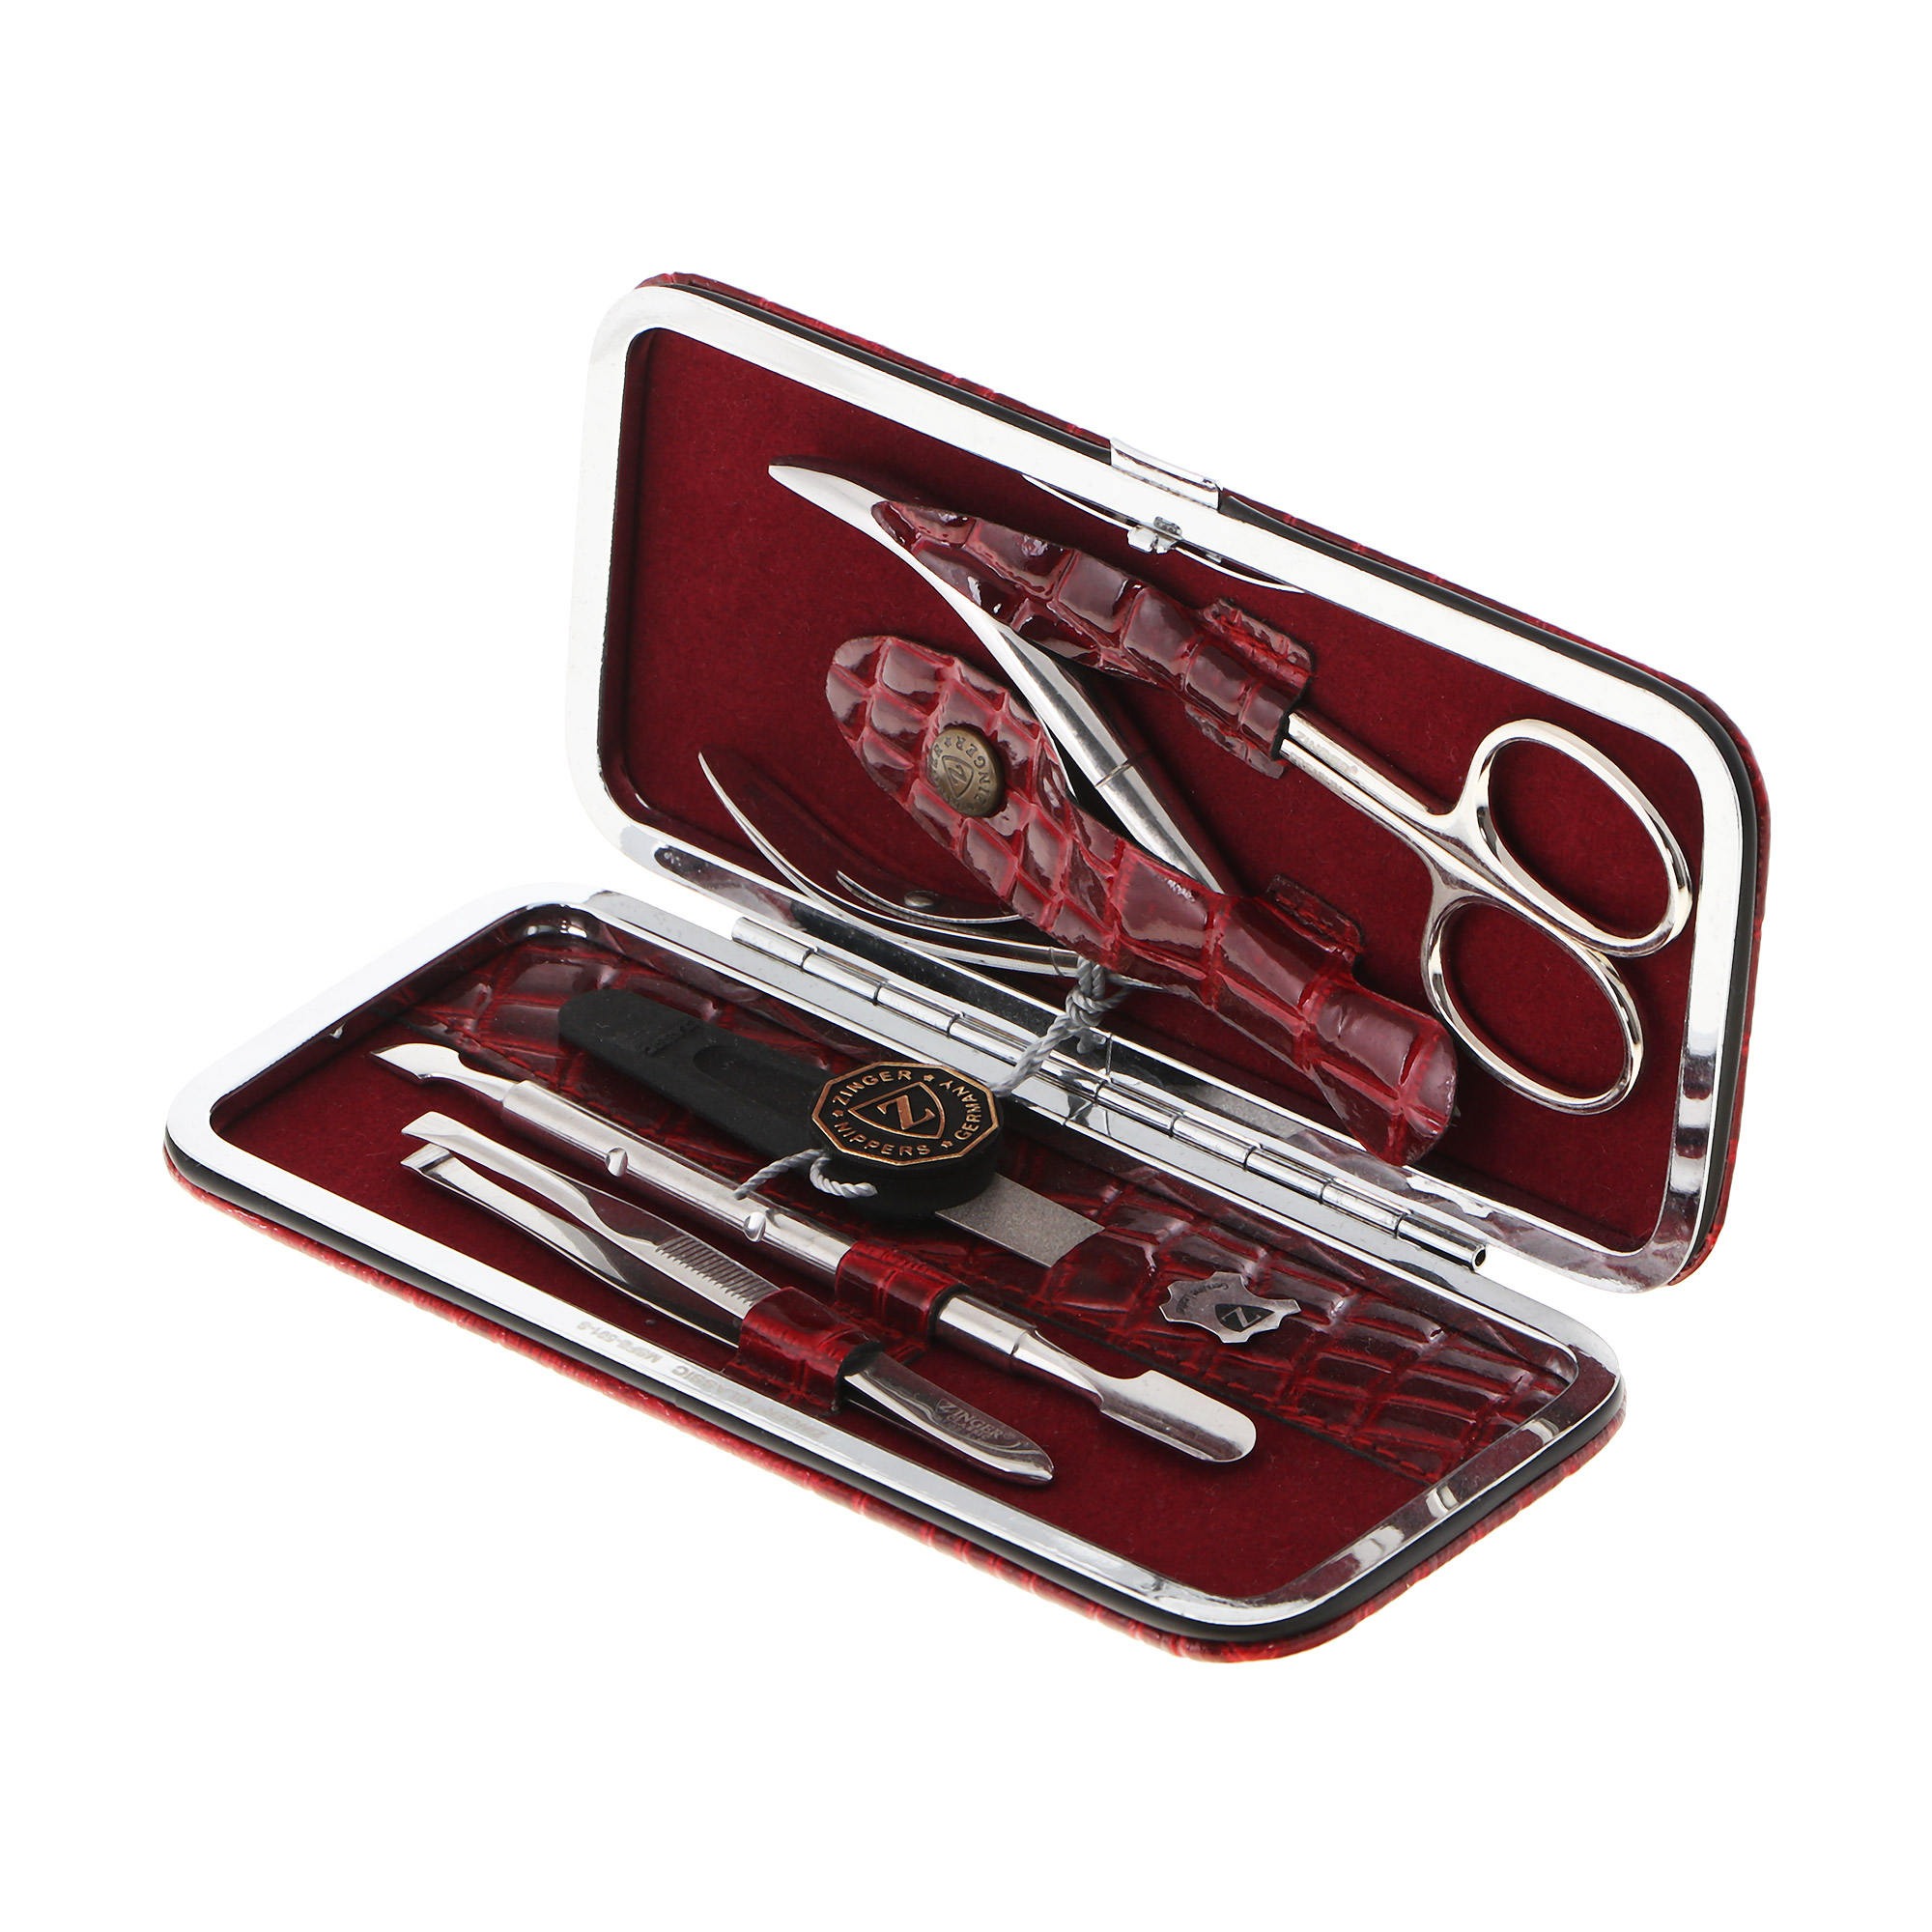 Набор маникюрный Zinger ms-501 аксессуар маникюрный набор zinger sis 60